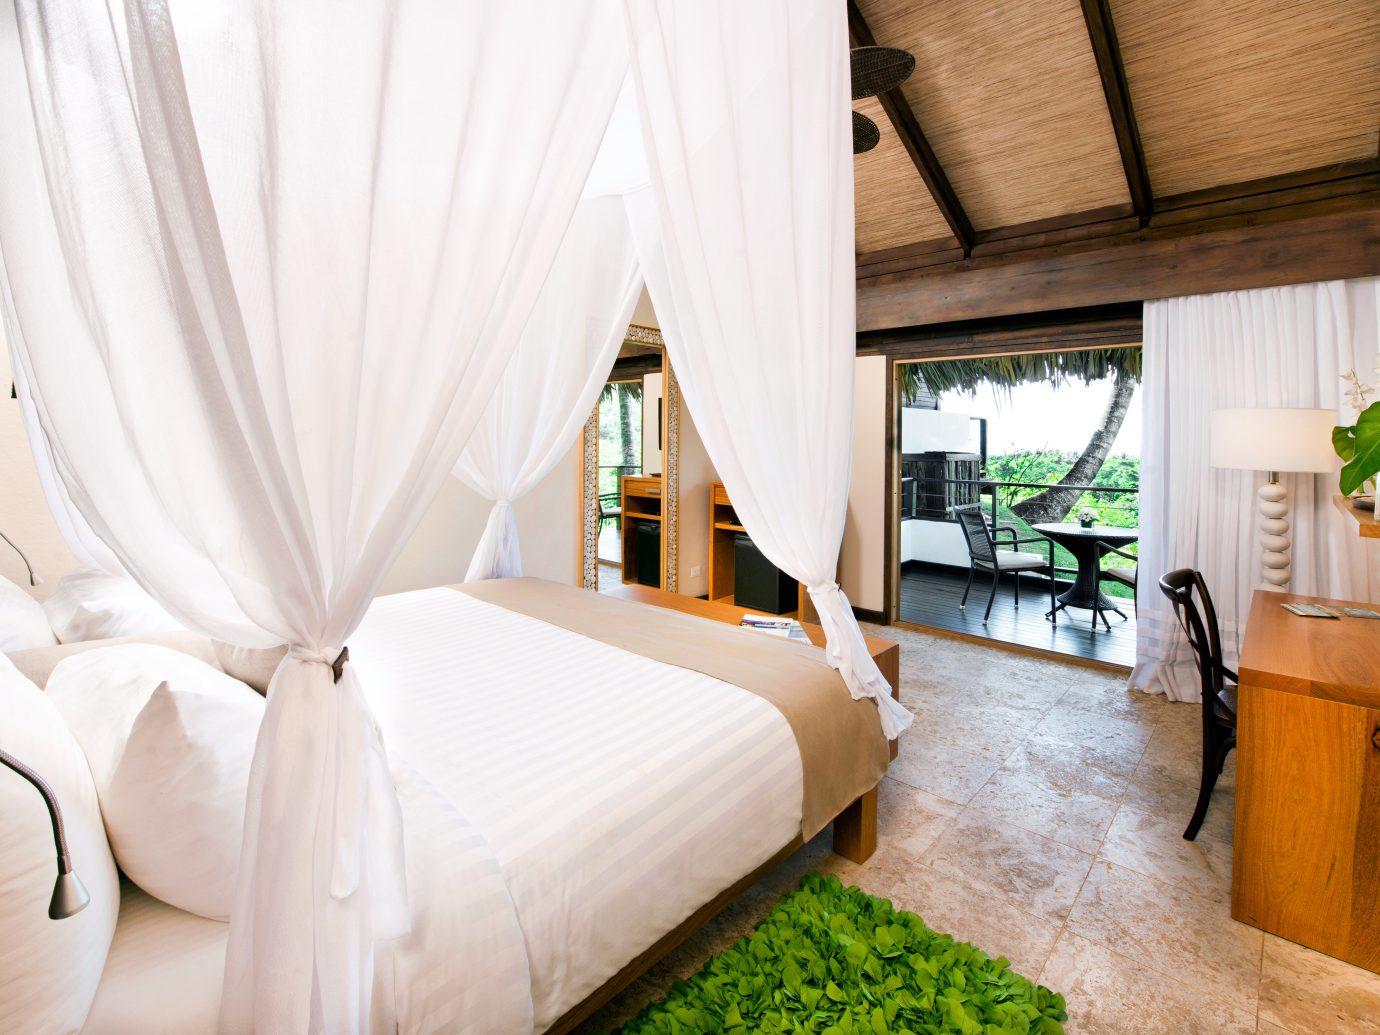 Bedroom At Dominican Republic Hotel - Casa Bonita Tropical Lodge